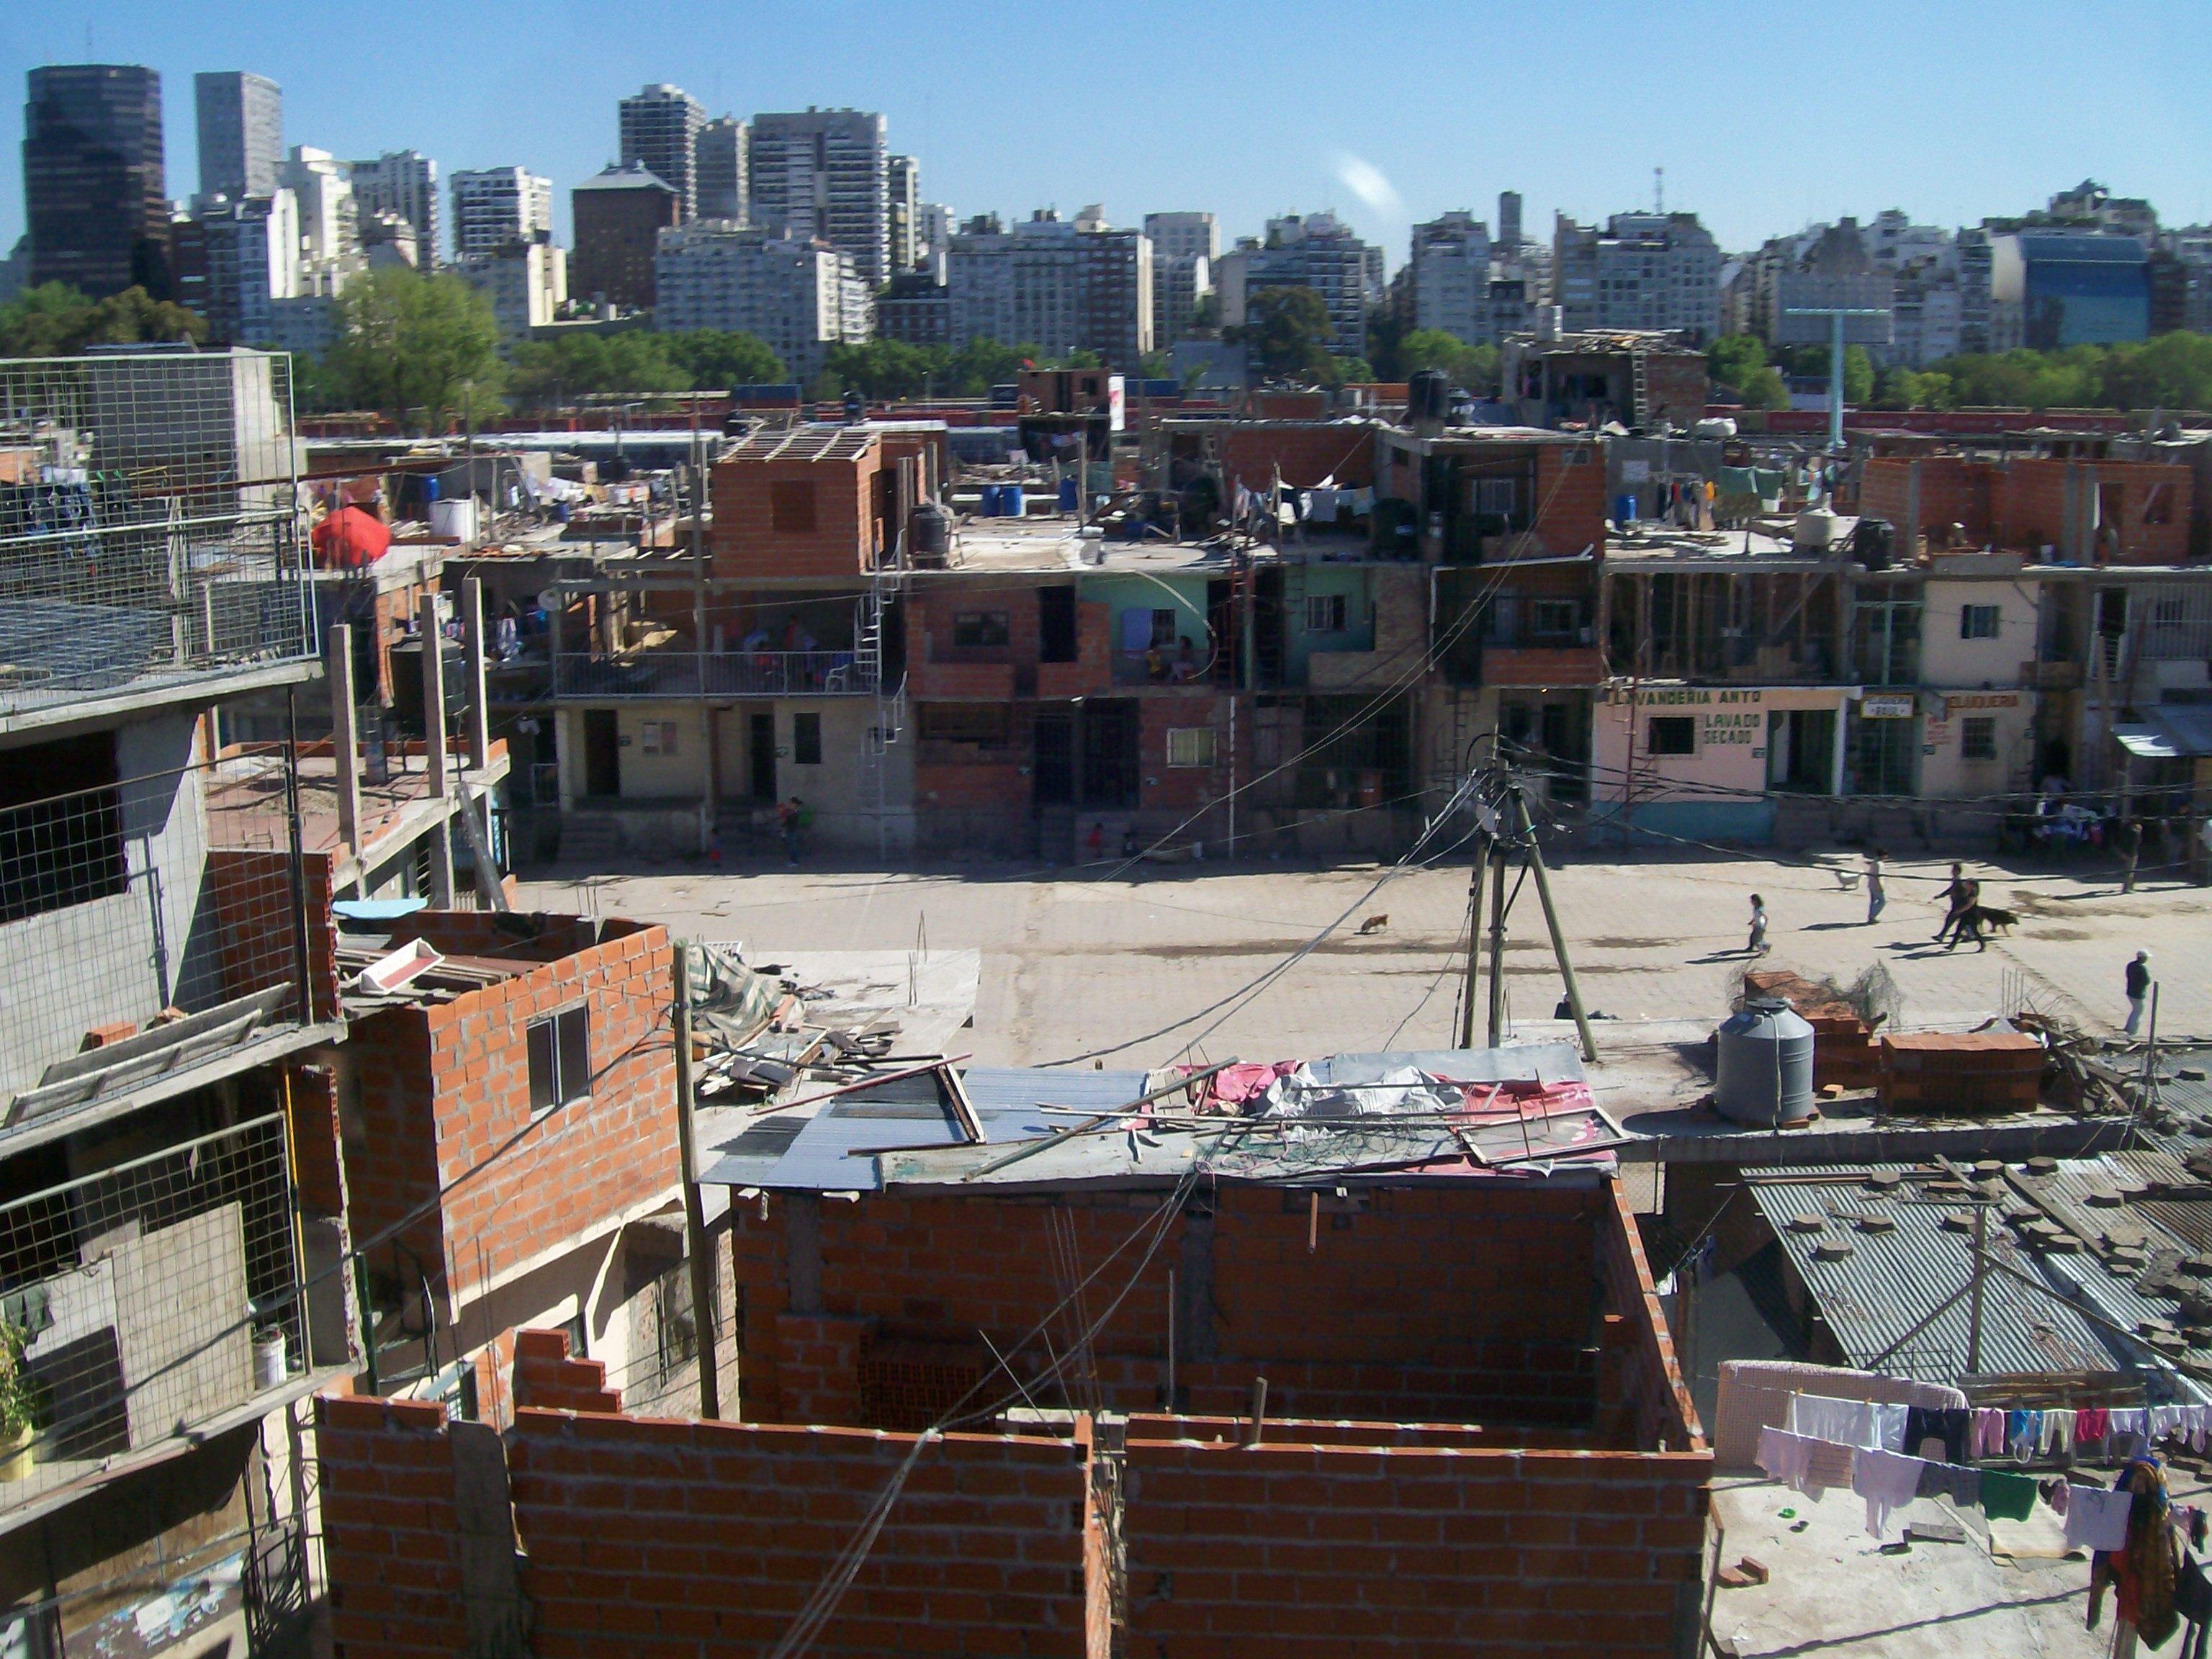 El drama de las villas miseria en argentina panoramas for Villas en buenos aires